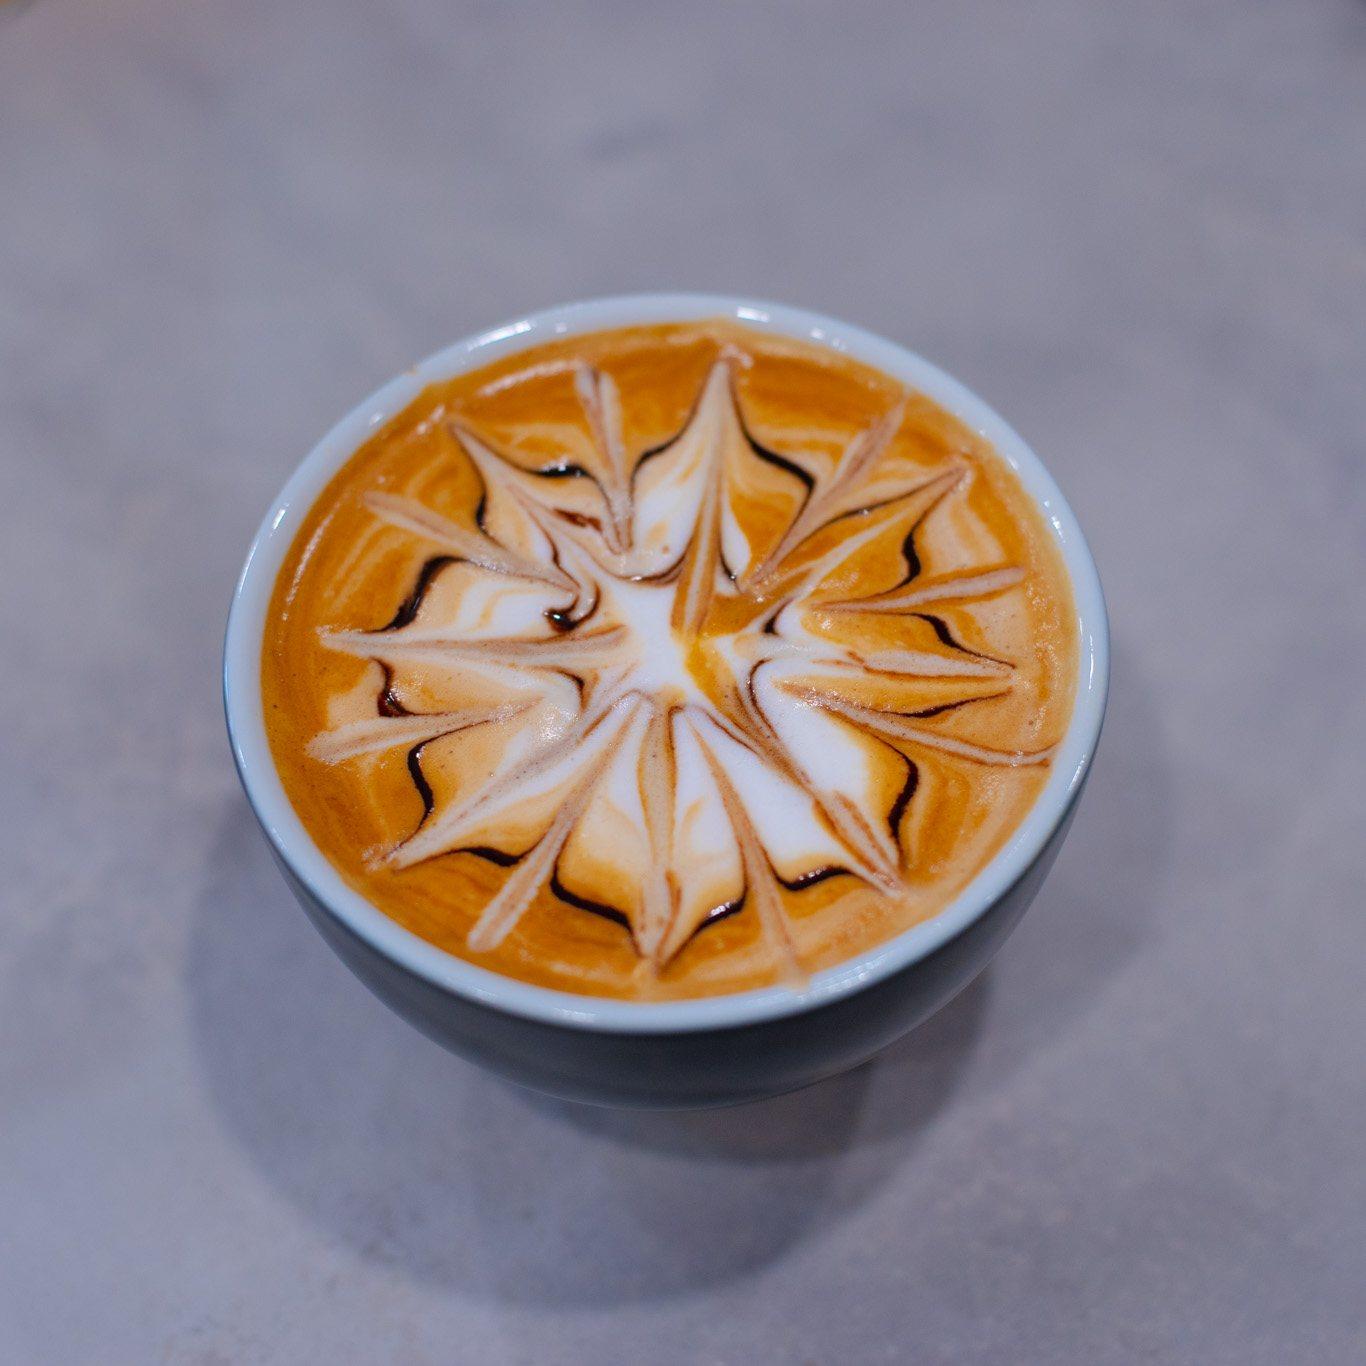 mocha coffee espresso